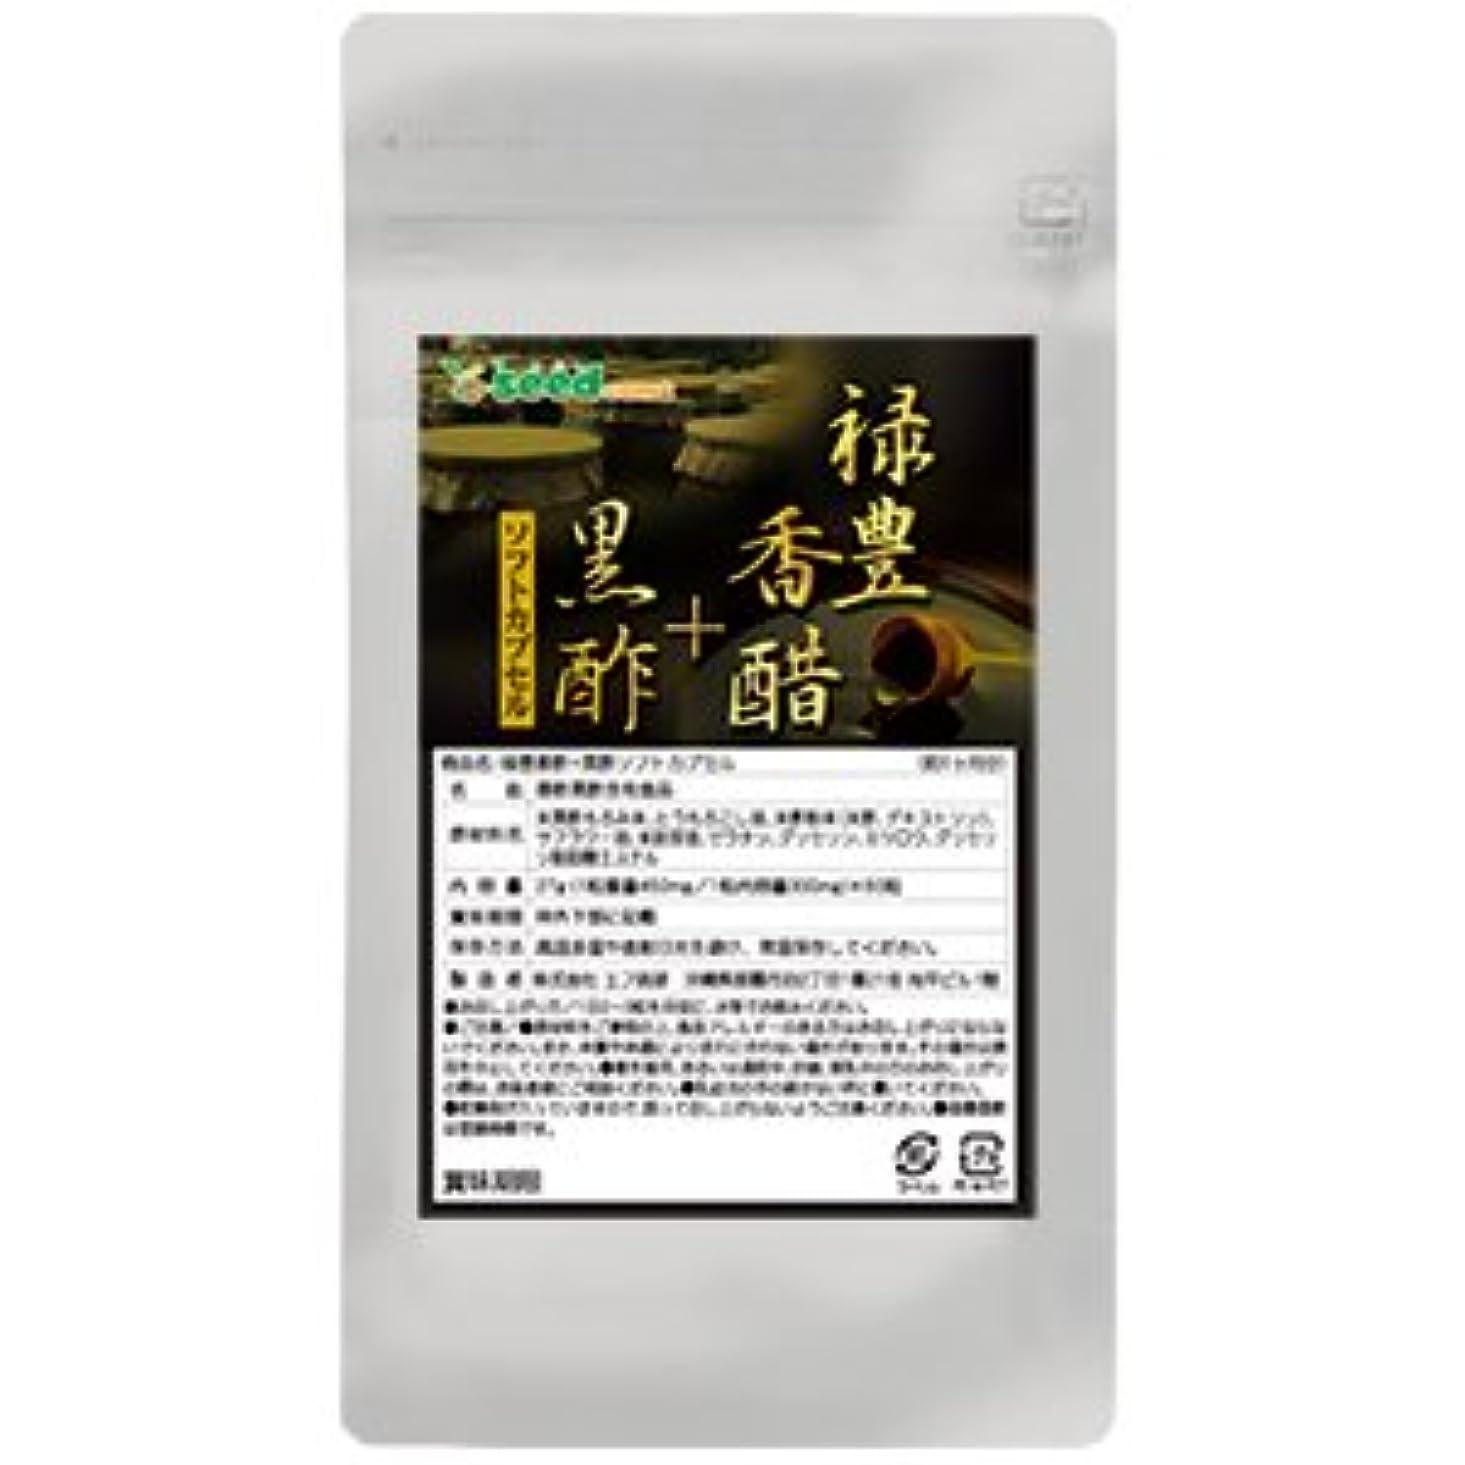 一族便利さ港禄豊 香酢 + 黒酢 ソフトカプセル (約3ヶ月分/180粒)